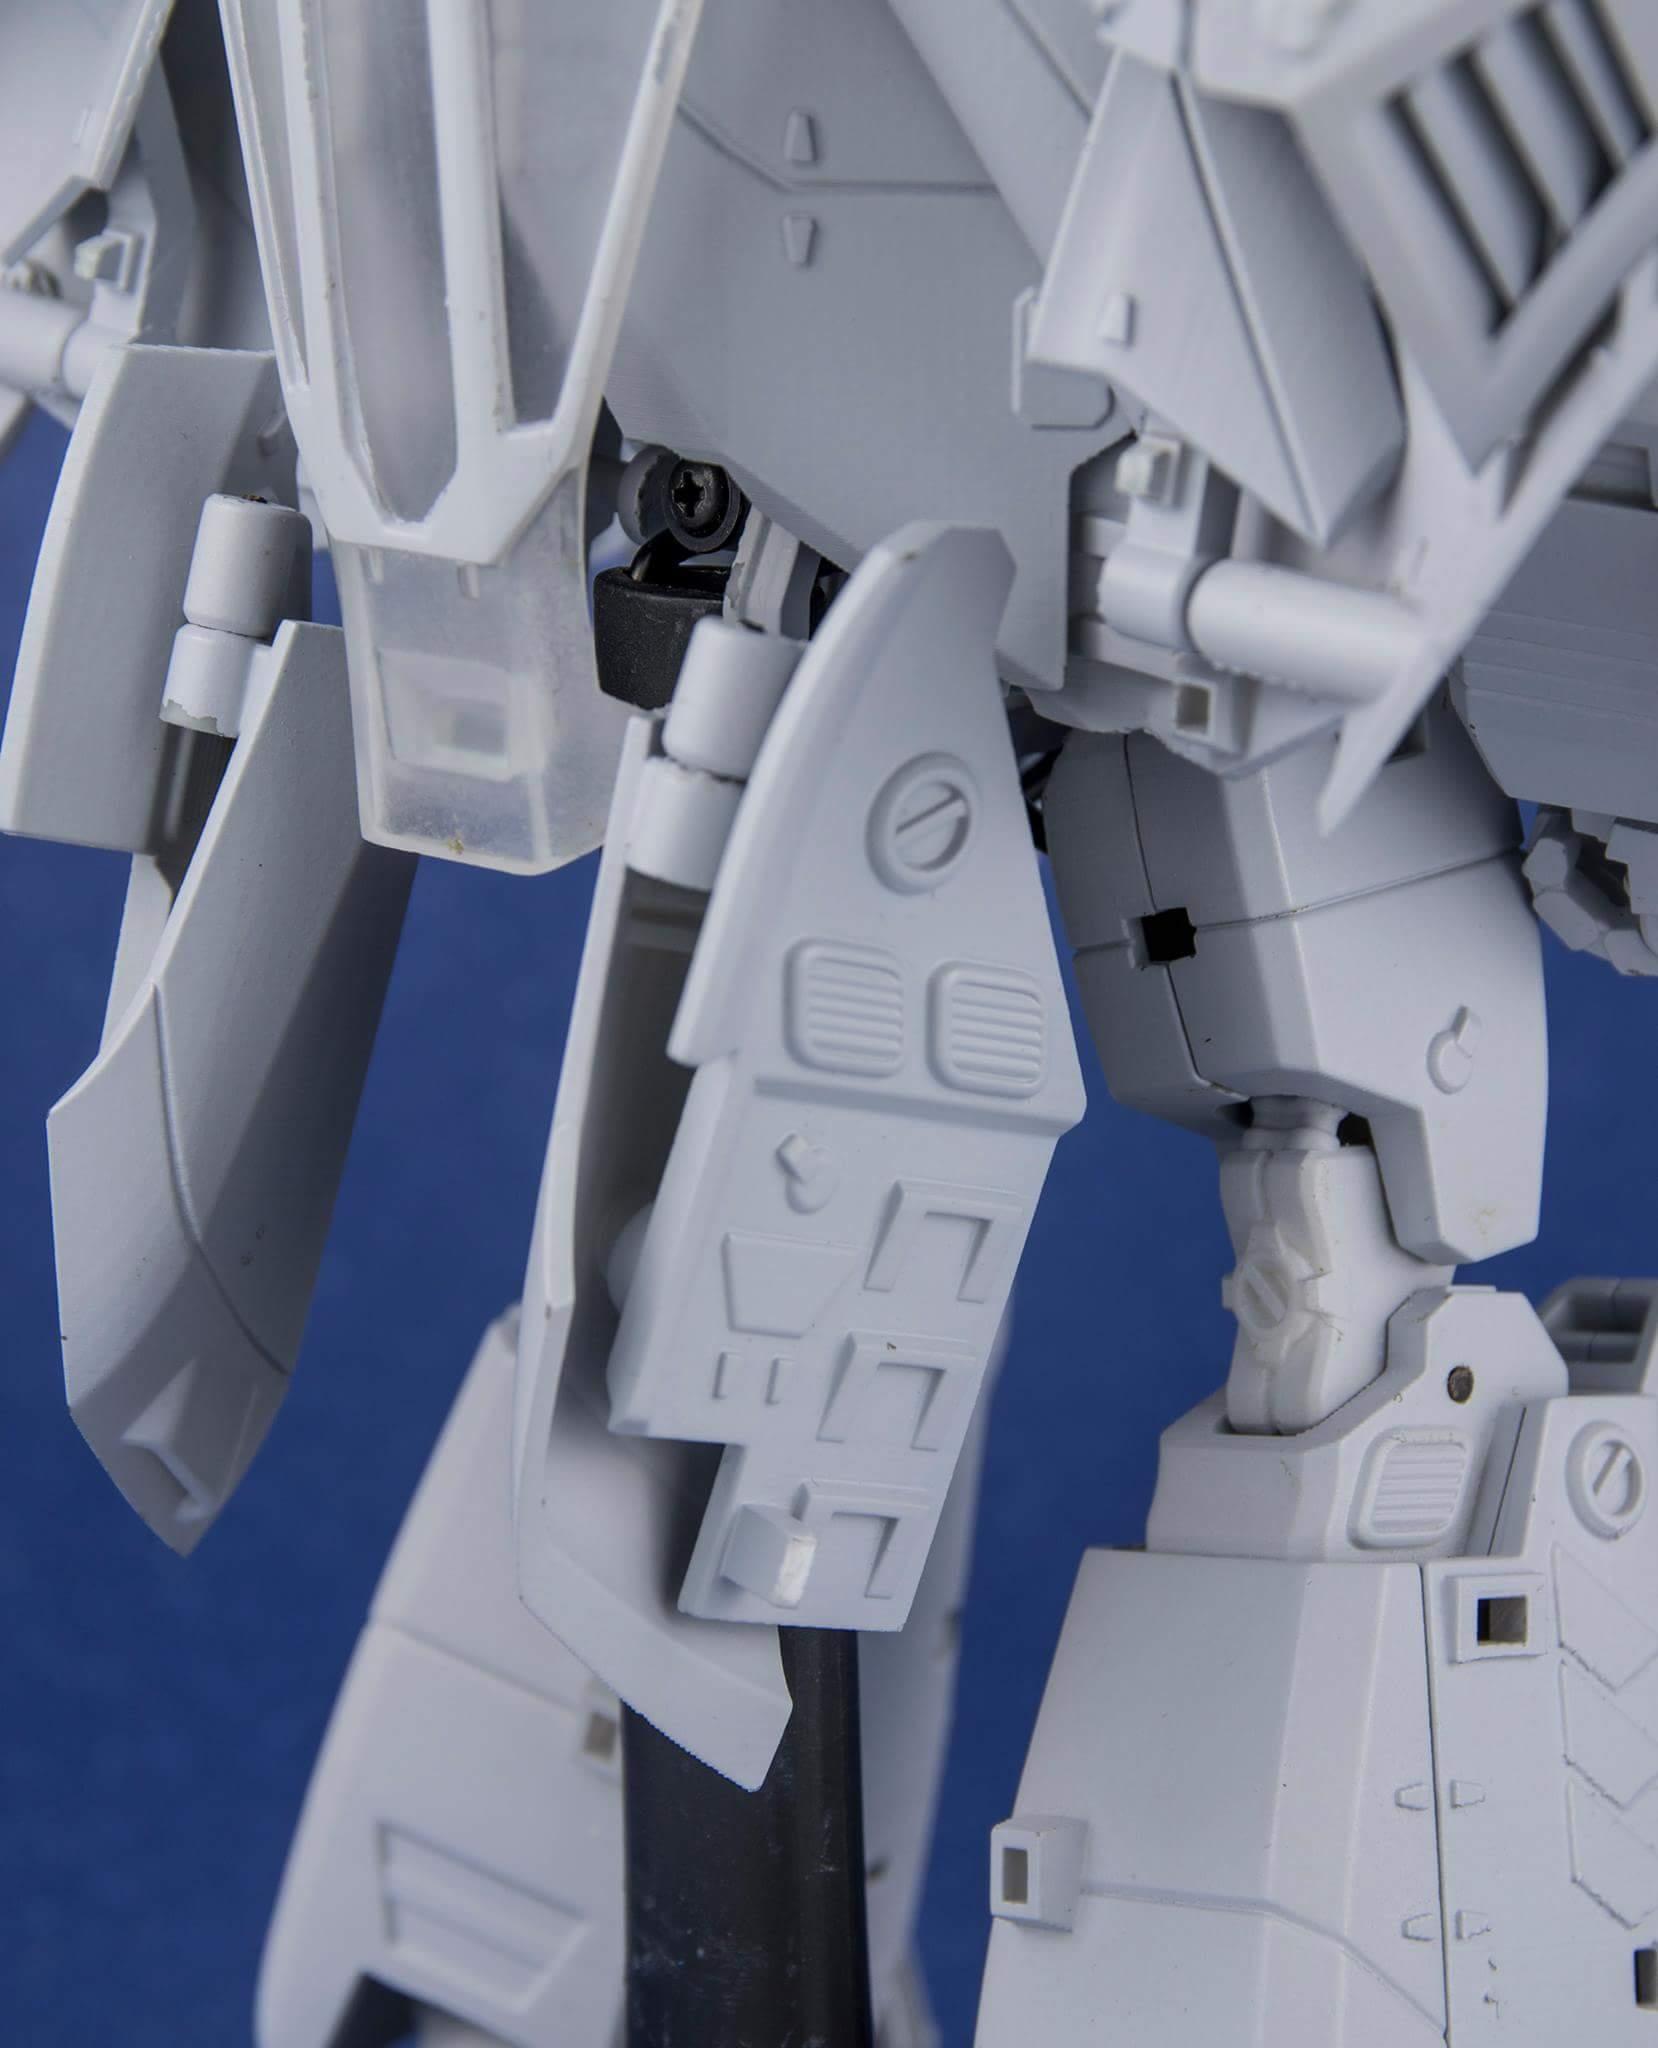 [MAAS Toys] Produit Tiers - Jouets TF de la gamme Cybertech Series (mode Cybertronien) + Gee Too (G2) - Page 2 2Q99SOE1_o